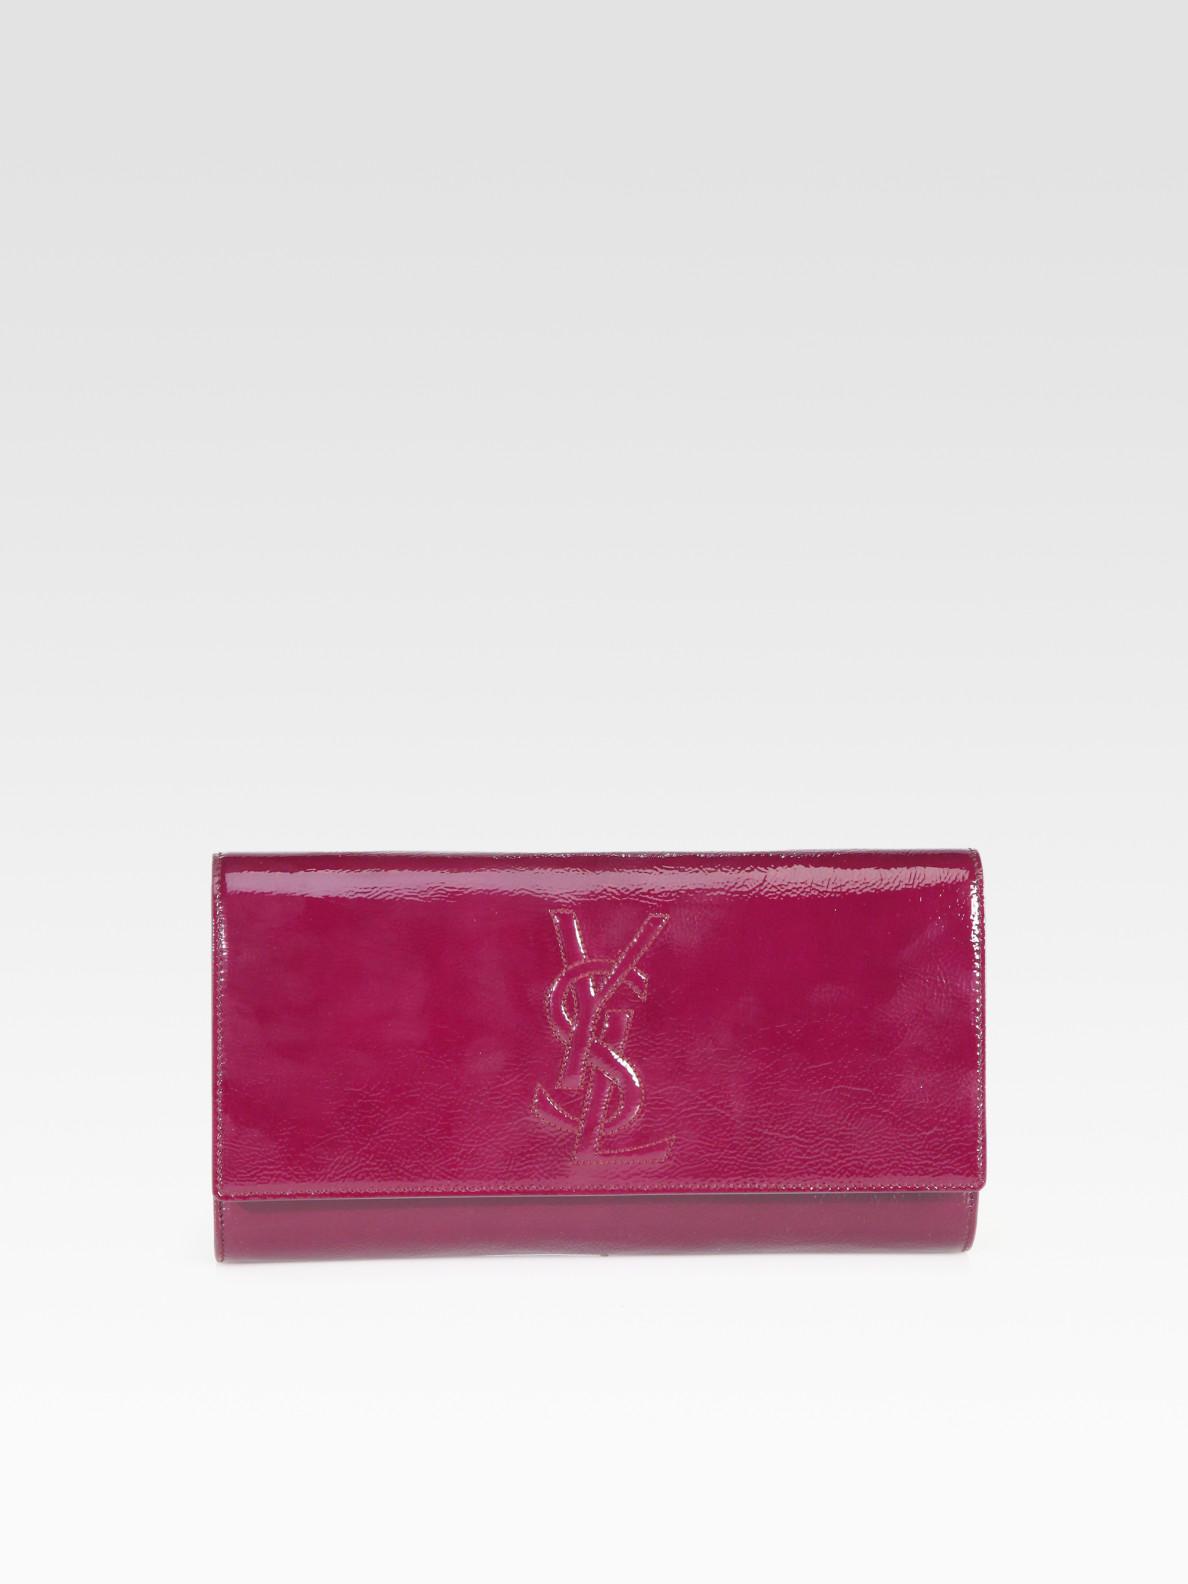 prada nylon satchel handbag - ysl clutch saks